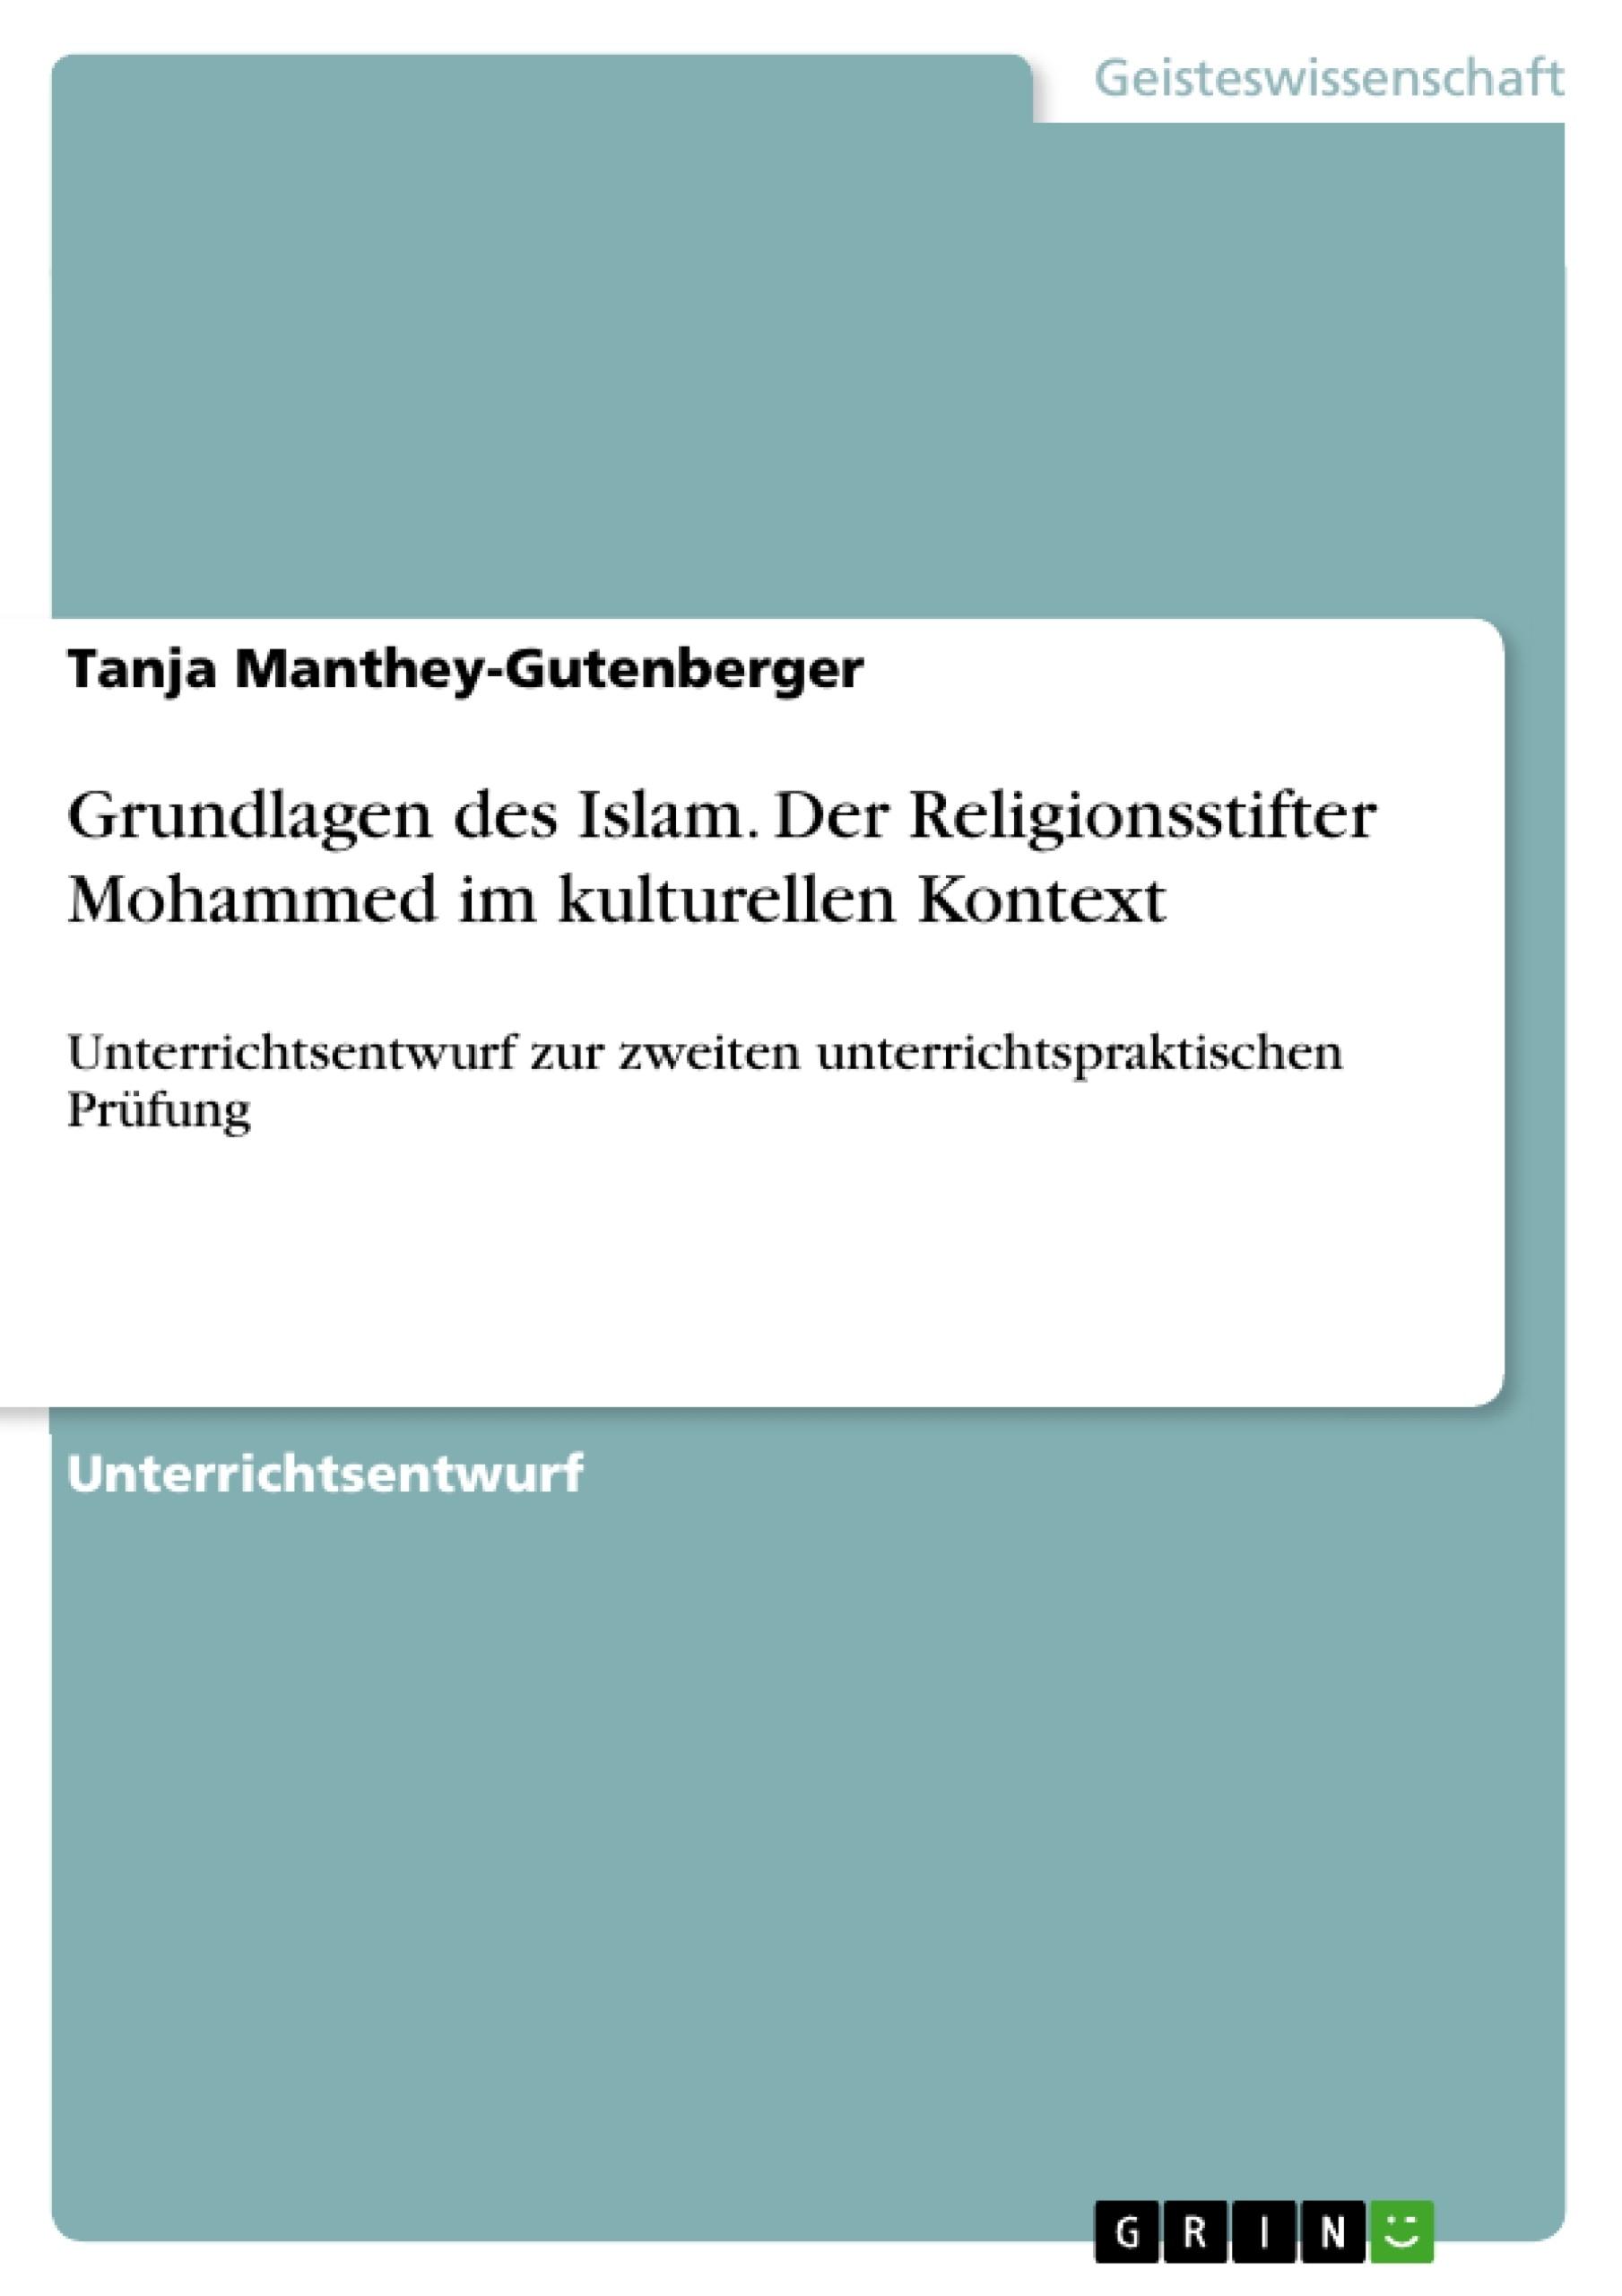 Titel: Grundlagen des Islam. Der Religionsstifter Mohammed im kulturellen Kontext